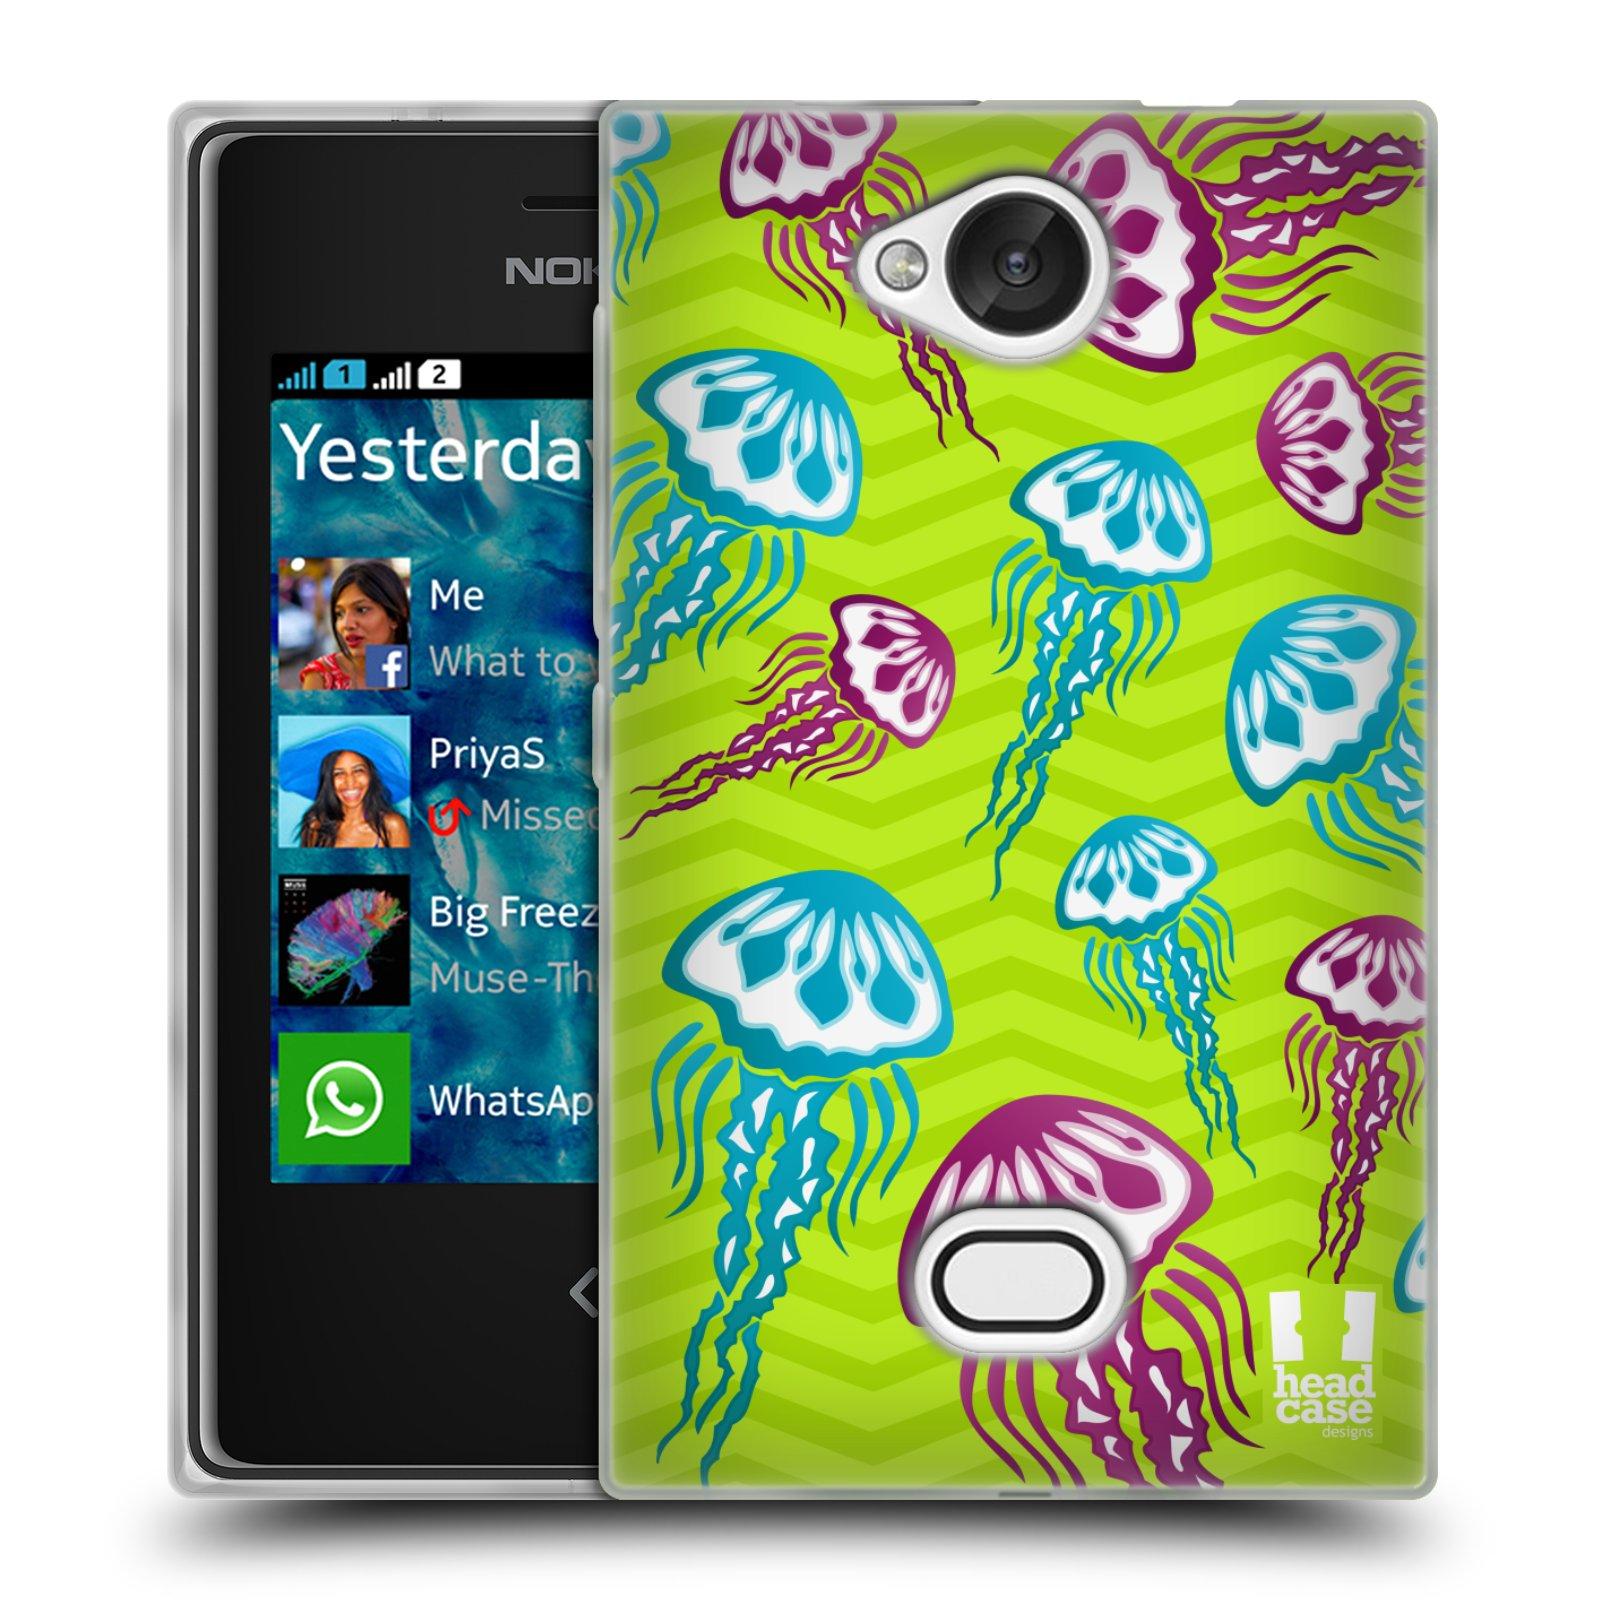 HEAD CASE silikonový obal na mobil NOKIA Asha 503 vzor mořský živočich medůza